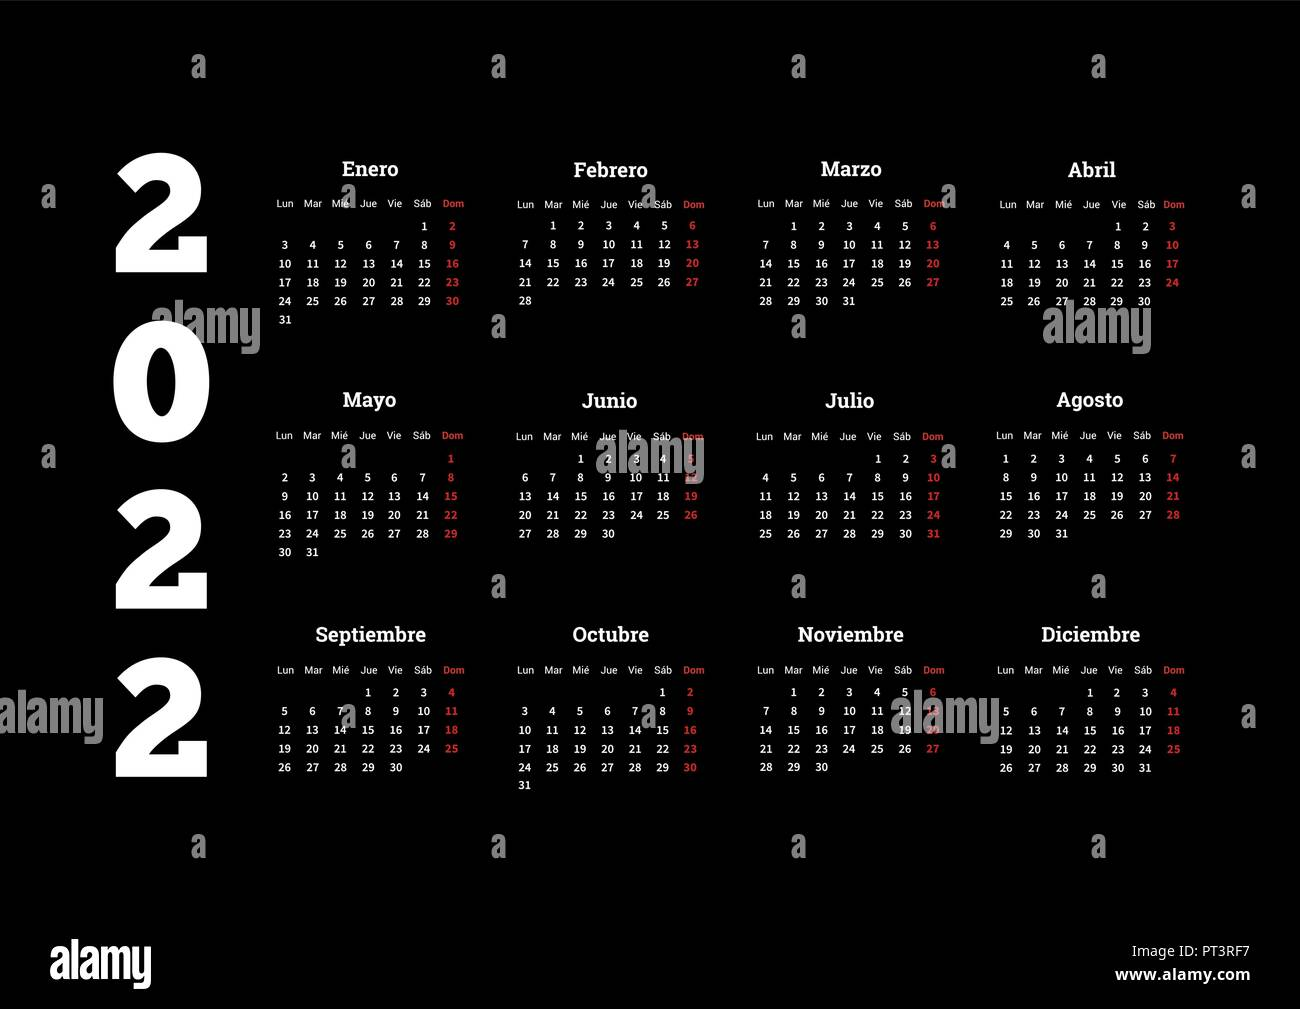 Calendrier Espagnol 2022 L'année 2022 calendrier simple en espagnol sur noir Image